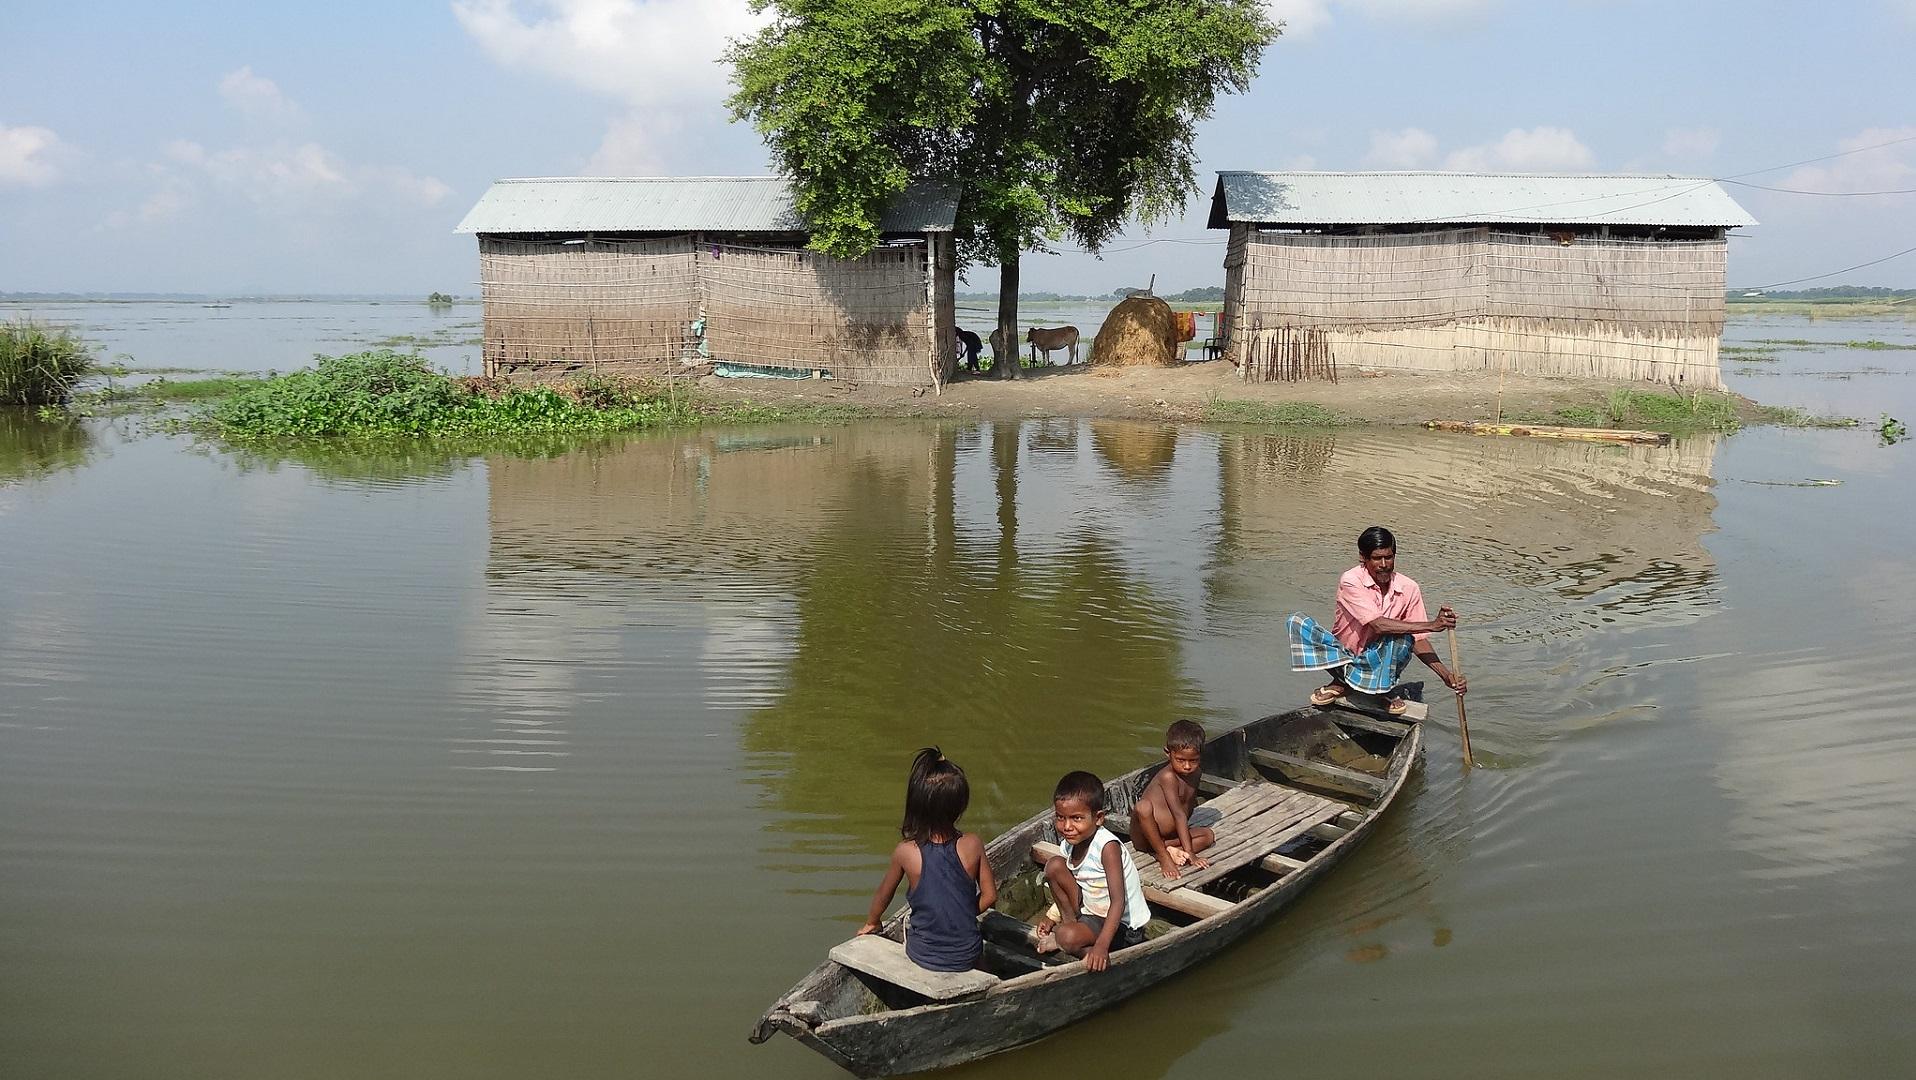 Cómo la Inteligencia Artificial intentará predecir las inundaciones en India